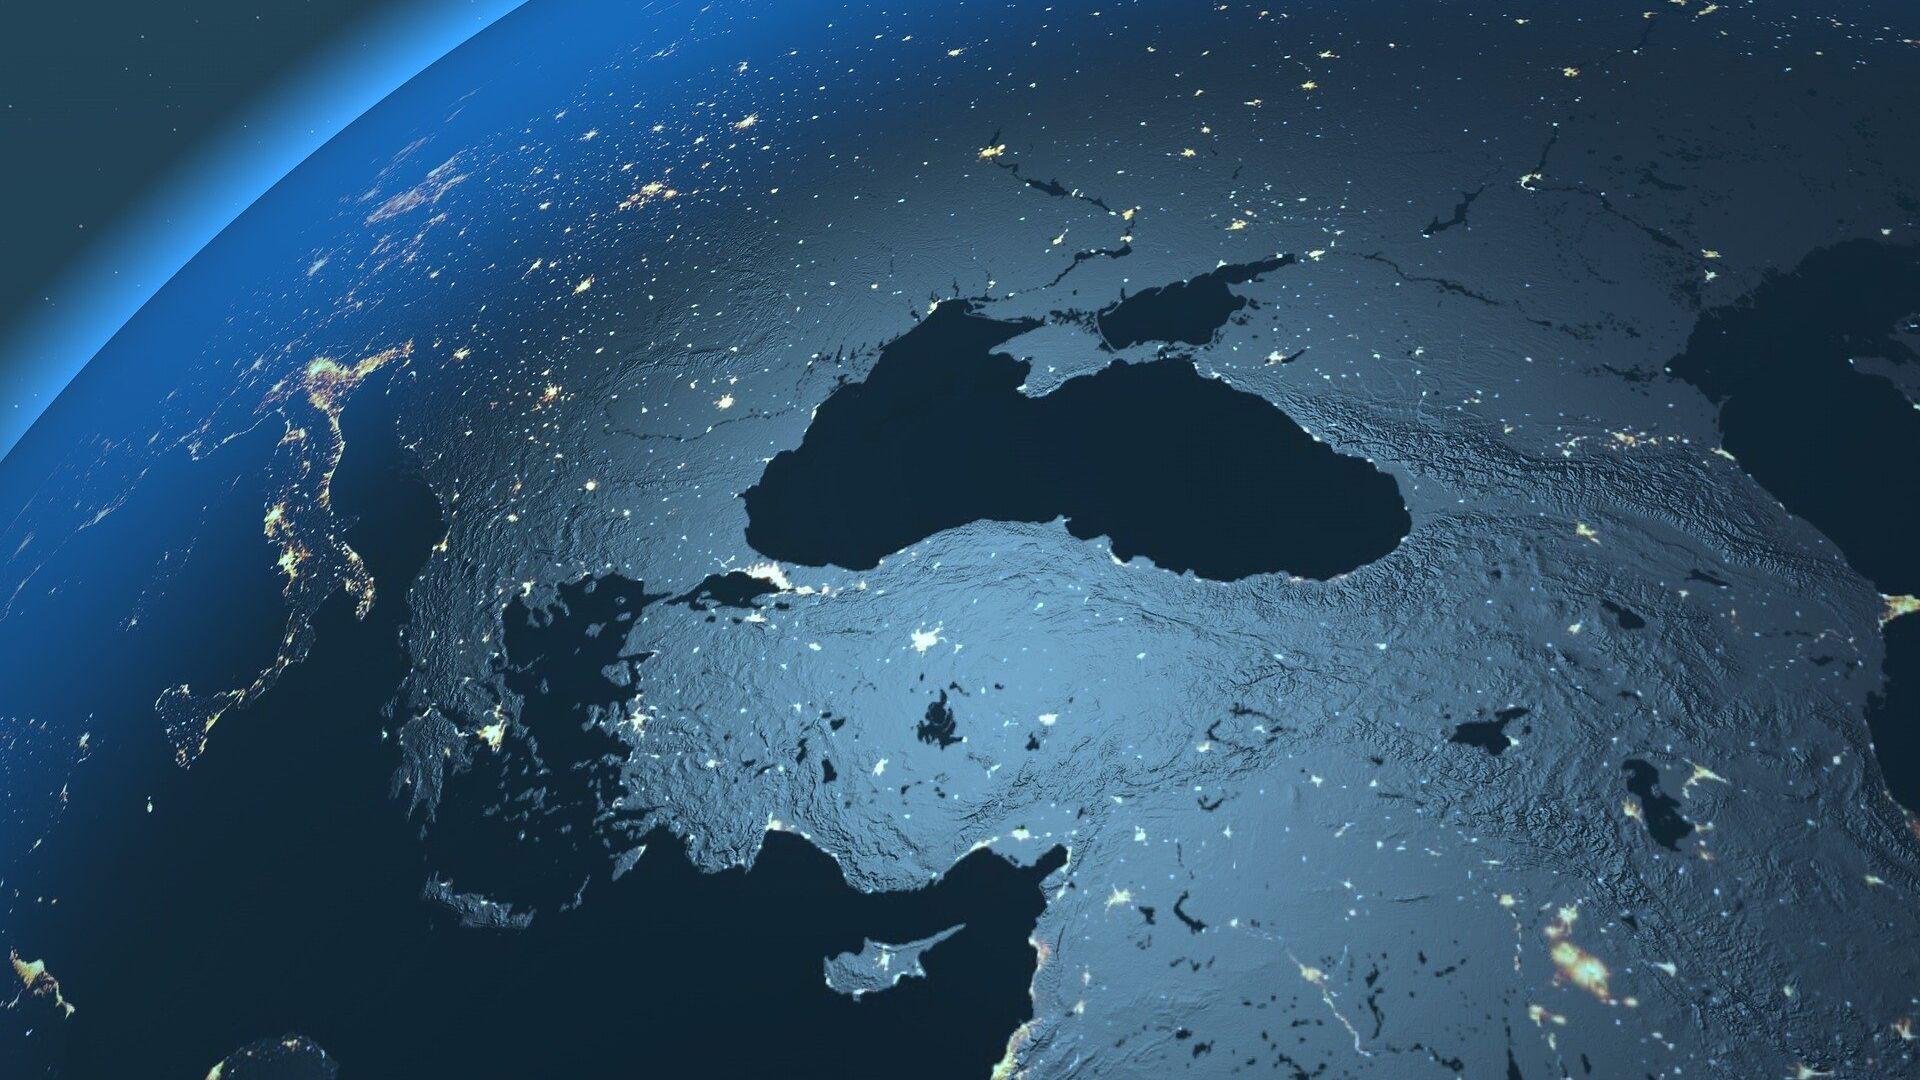 El mar Negro visto desde el espacio (imagen referencial) - Sputnik Mundo, 1920, 20.04.2021